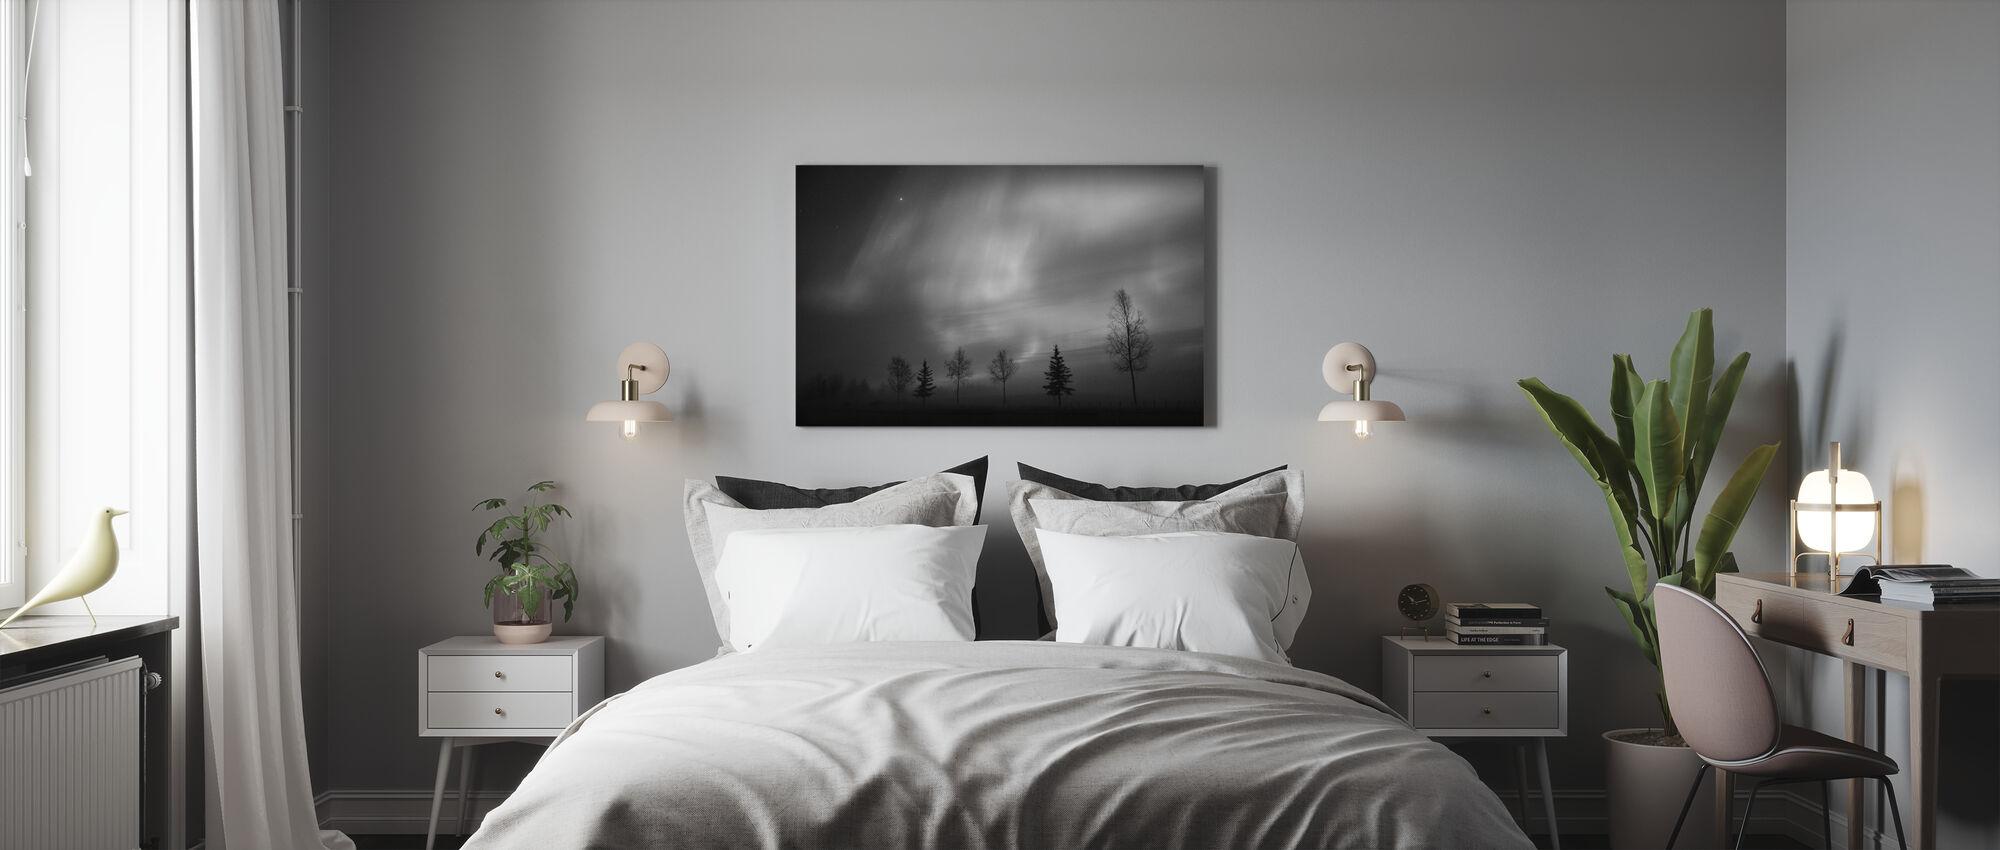 Lumières nordiques - Impression sur toile - Chambre